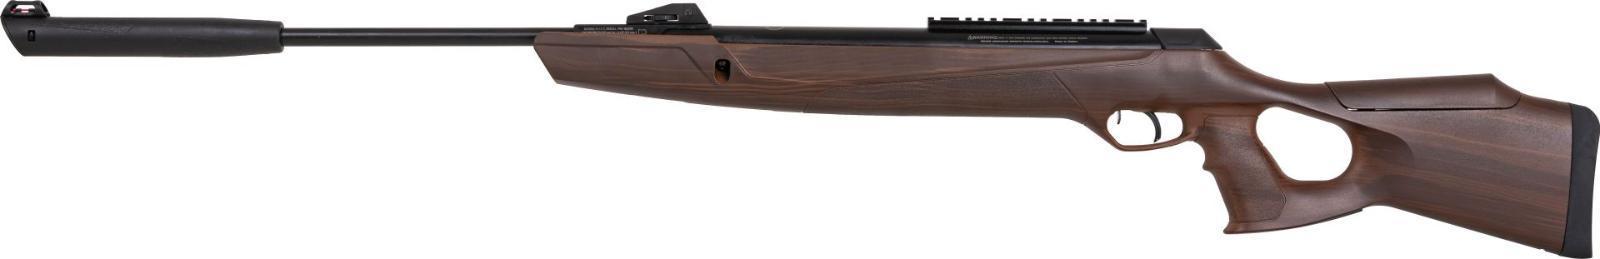 Vzduchovka  KRAL N-11 Arboreal 5,5mm